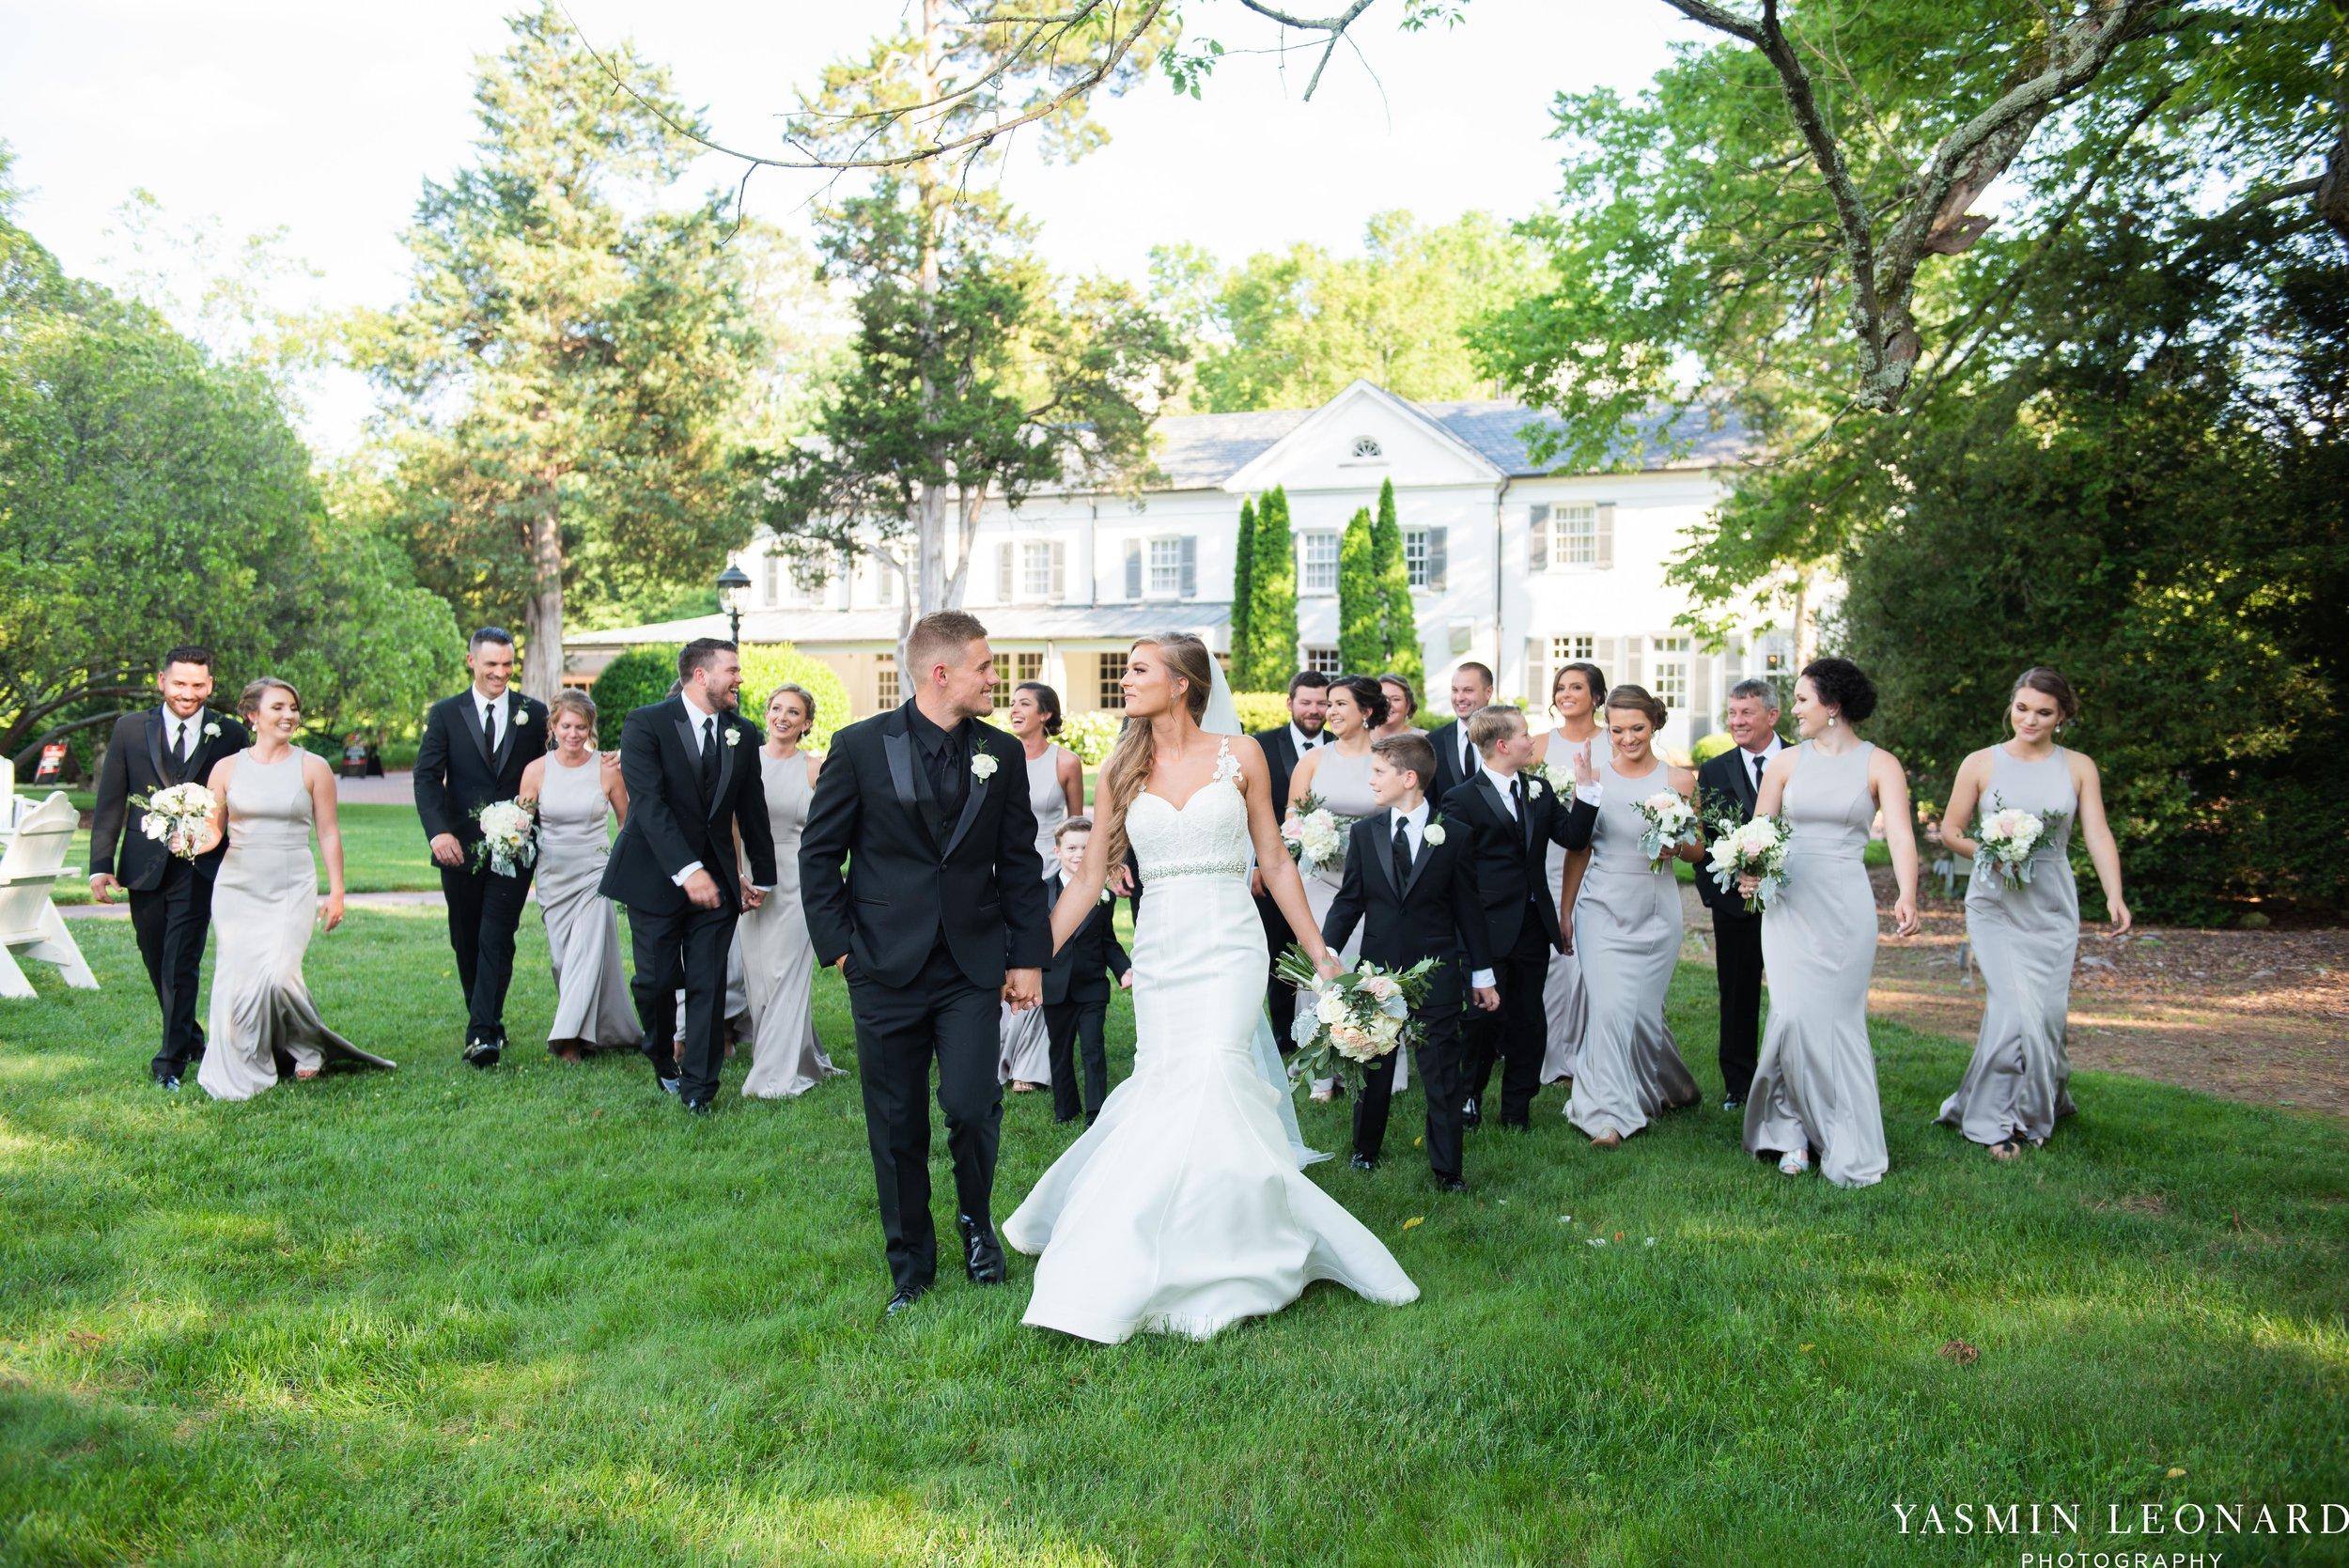 Boxwood Estate - Boxwood Estate Wedding - Luxury Wedding - Black and White Wedding - NC Wedding Venues - NC Weddings - NC Photographer - Lantern Release Grand Exit - Large Wedding Party - Yasmin Leonard Photography-35.jpg